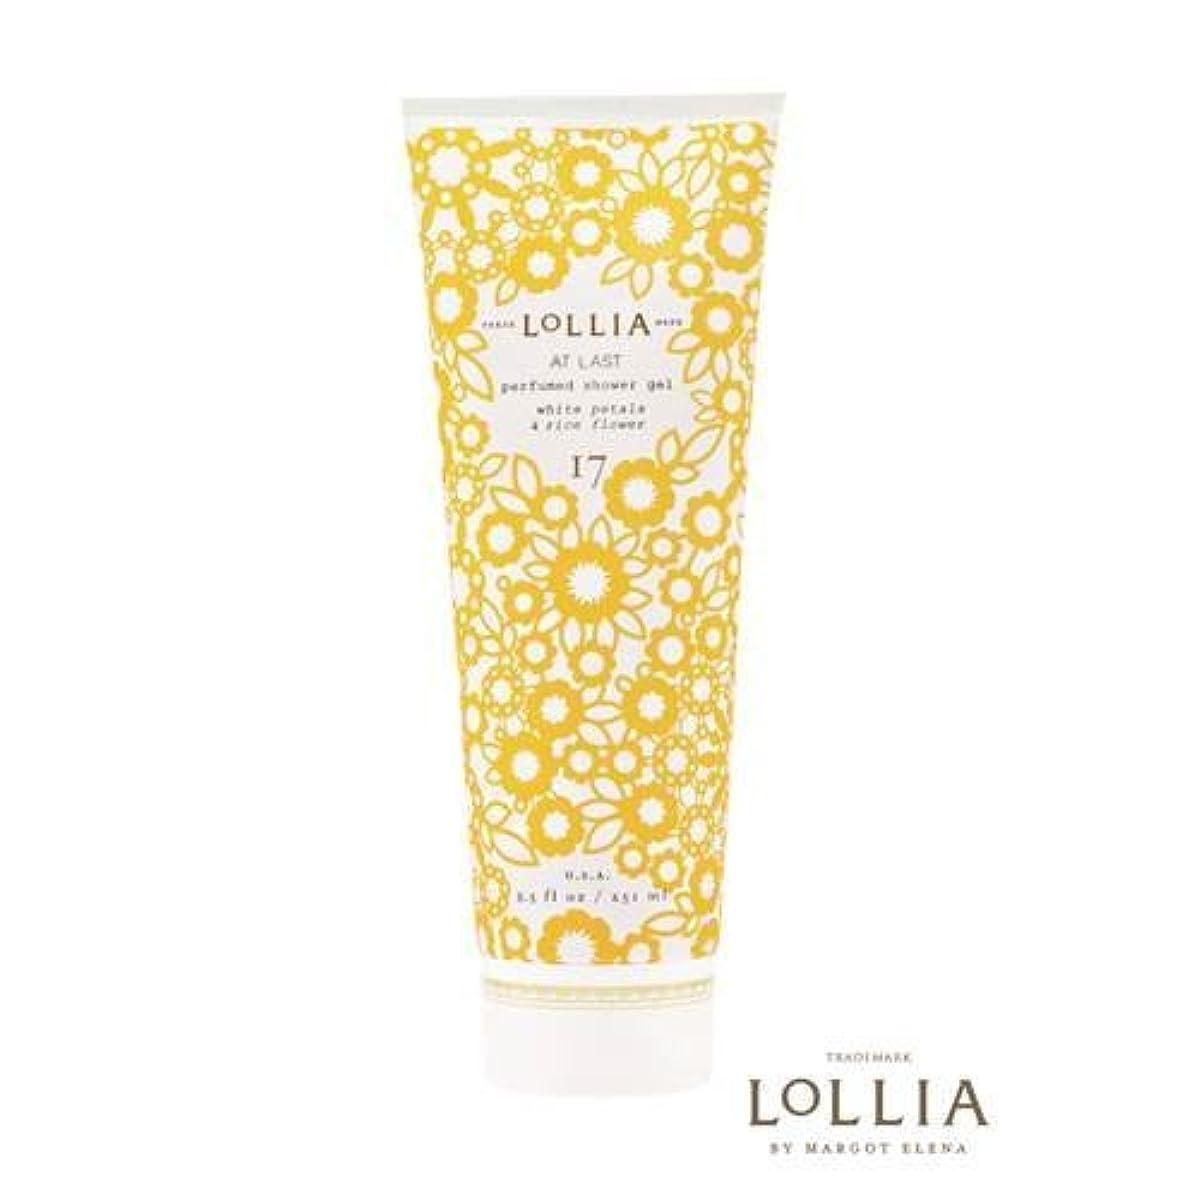 抑制する引き渡す発音するロリア(LoLLIA) パフュームドシャワージェル AtLast 251ml(全身用洗浄料 ボディーソープ ライスフラワー、マグノリアとミモザの柔らかな花々の香り)